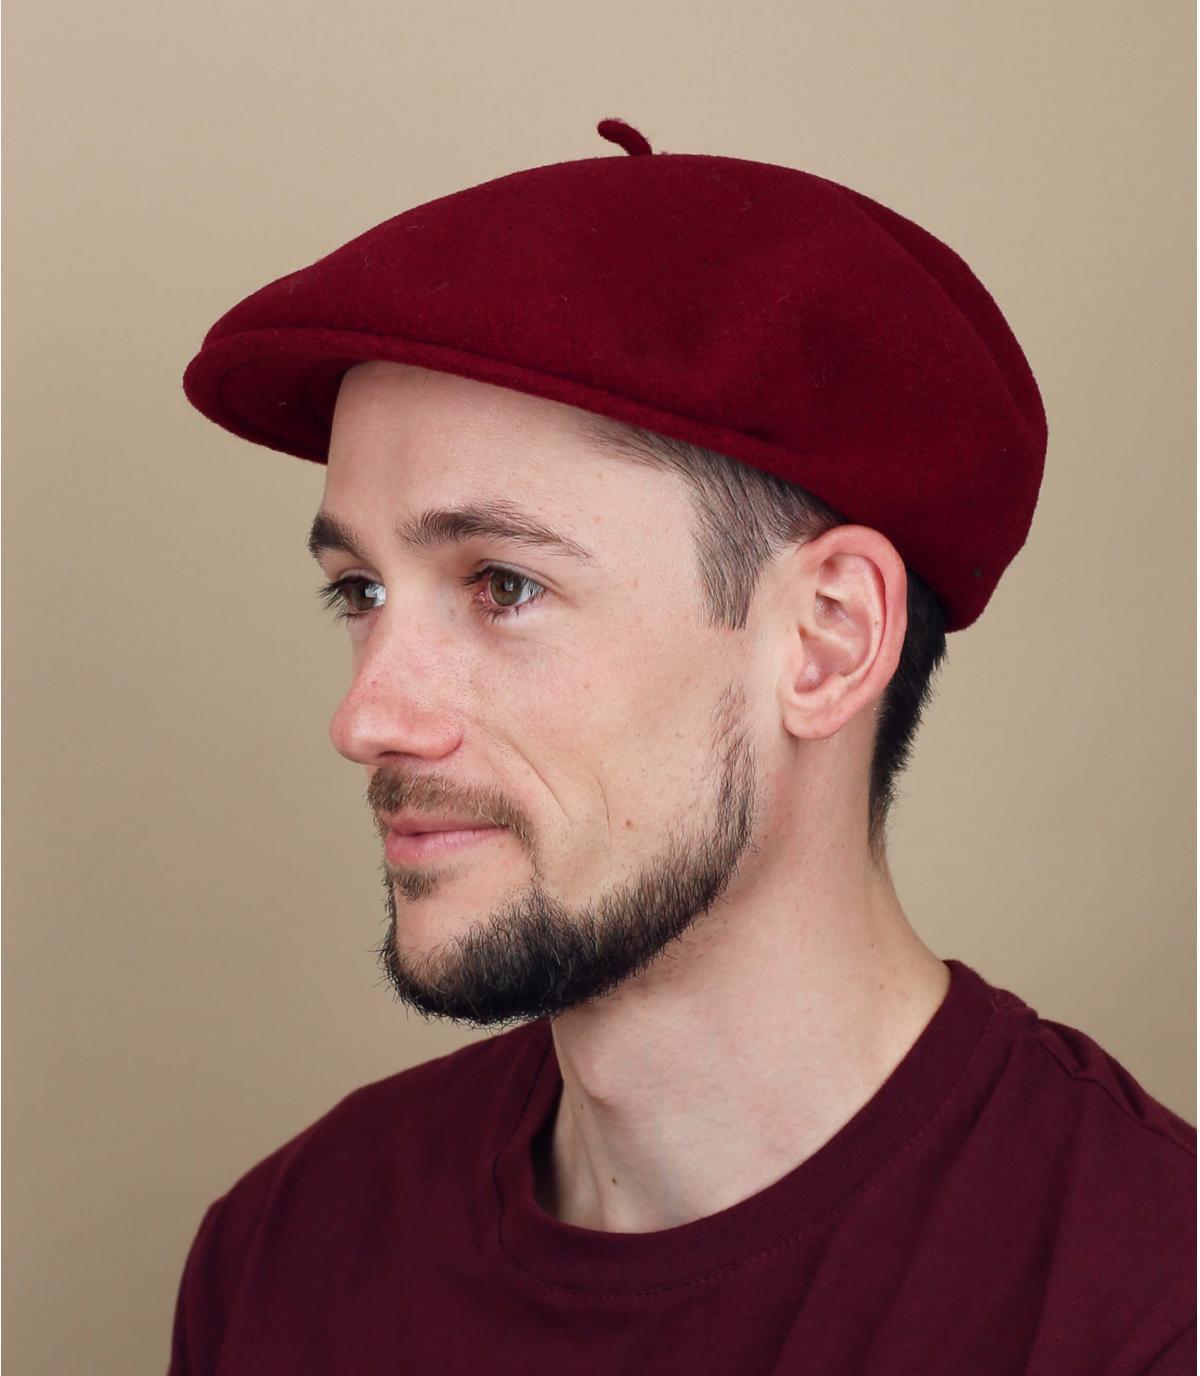 Burgundy merino flat cap